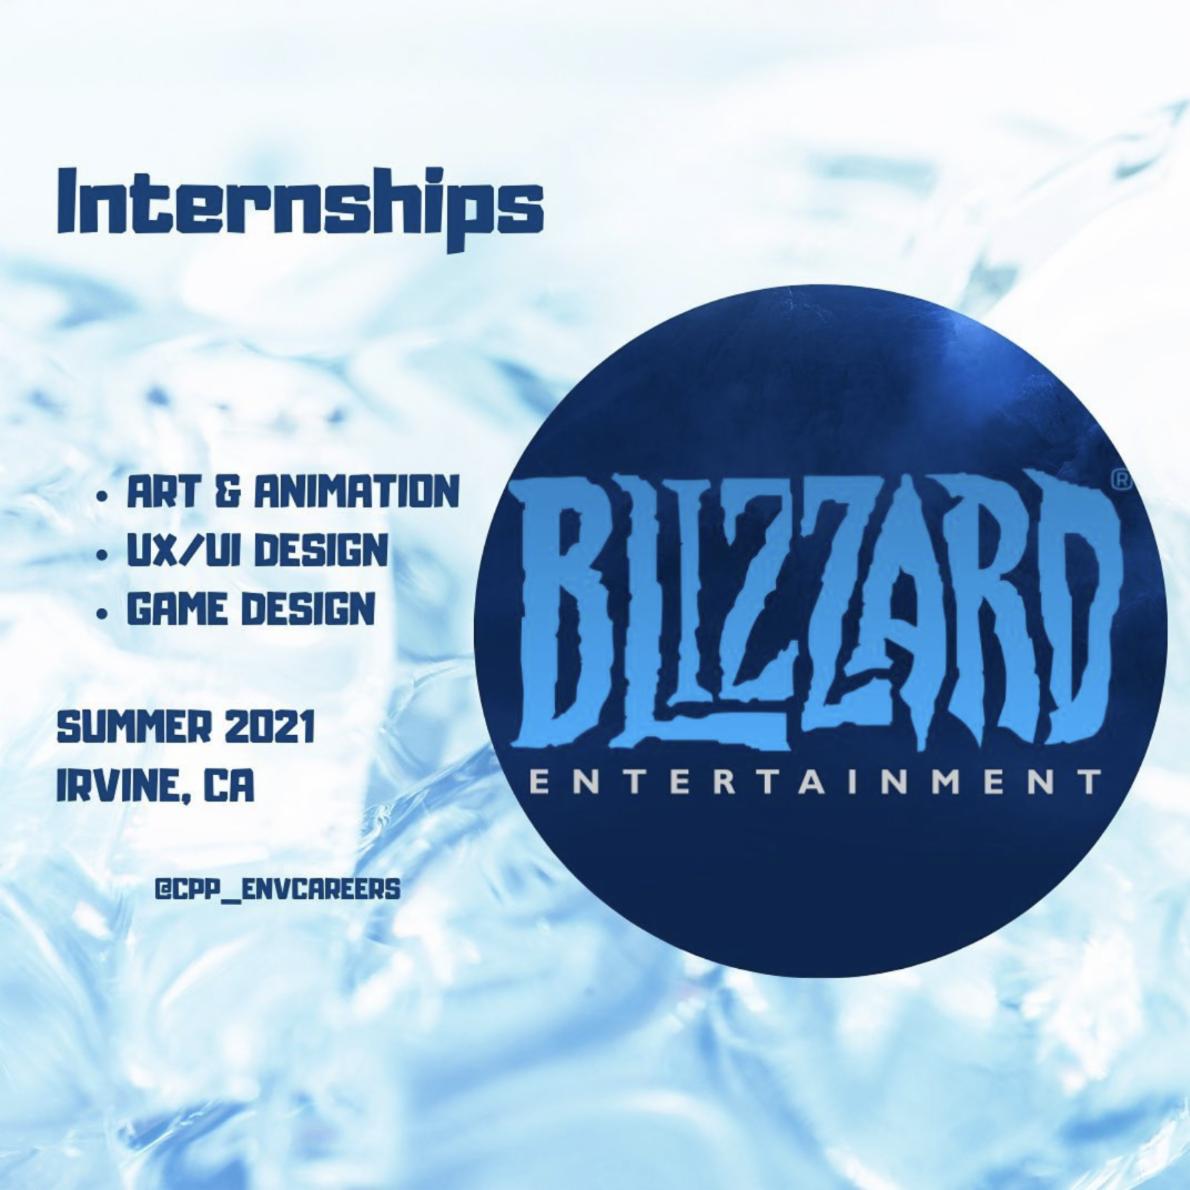 env careers blizzard summer 2021 intenrship